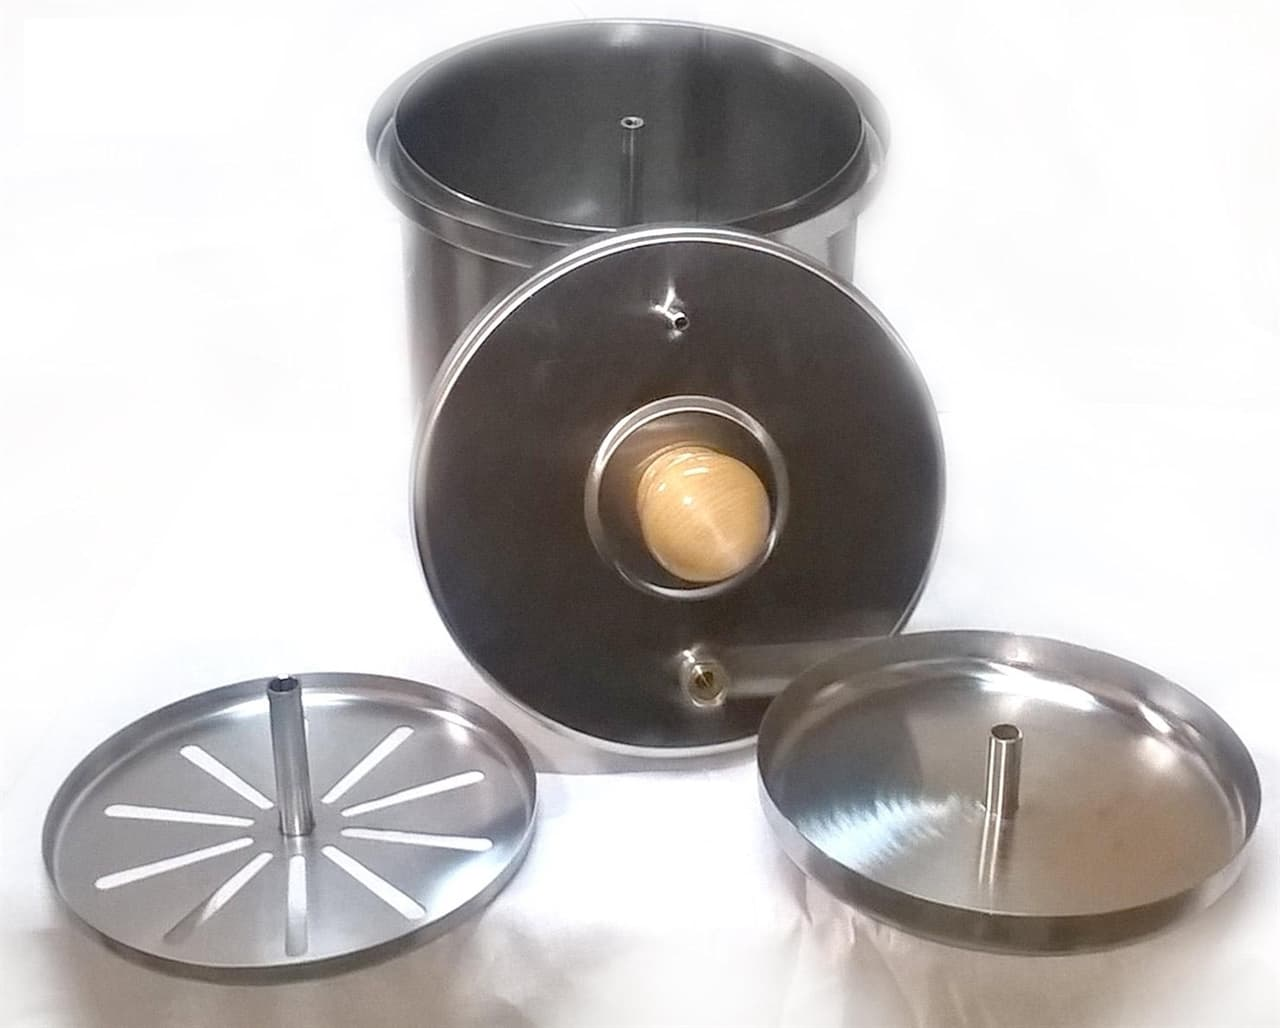 Коптильня цилиндрическая из нержавеющей стали ДЫМКА - КМ-1 - фото 5524